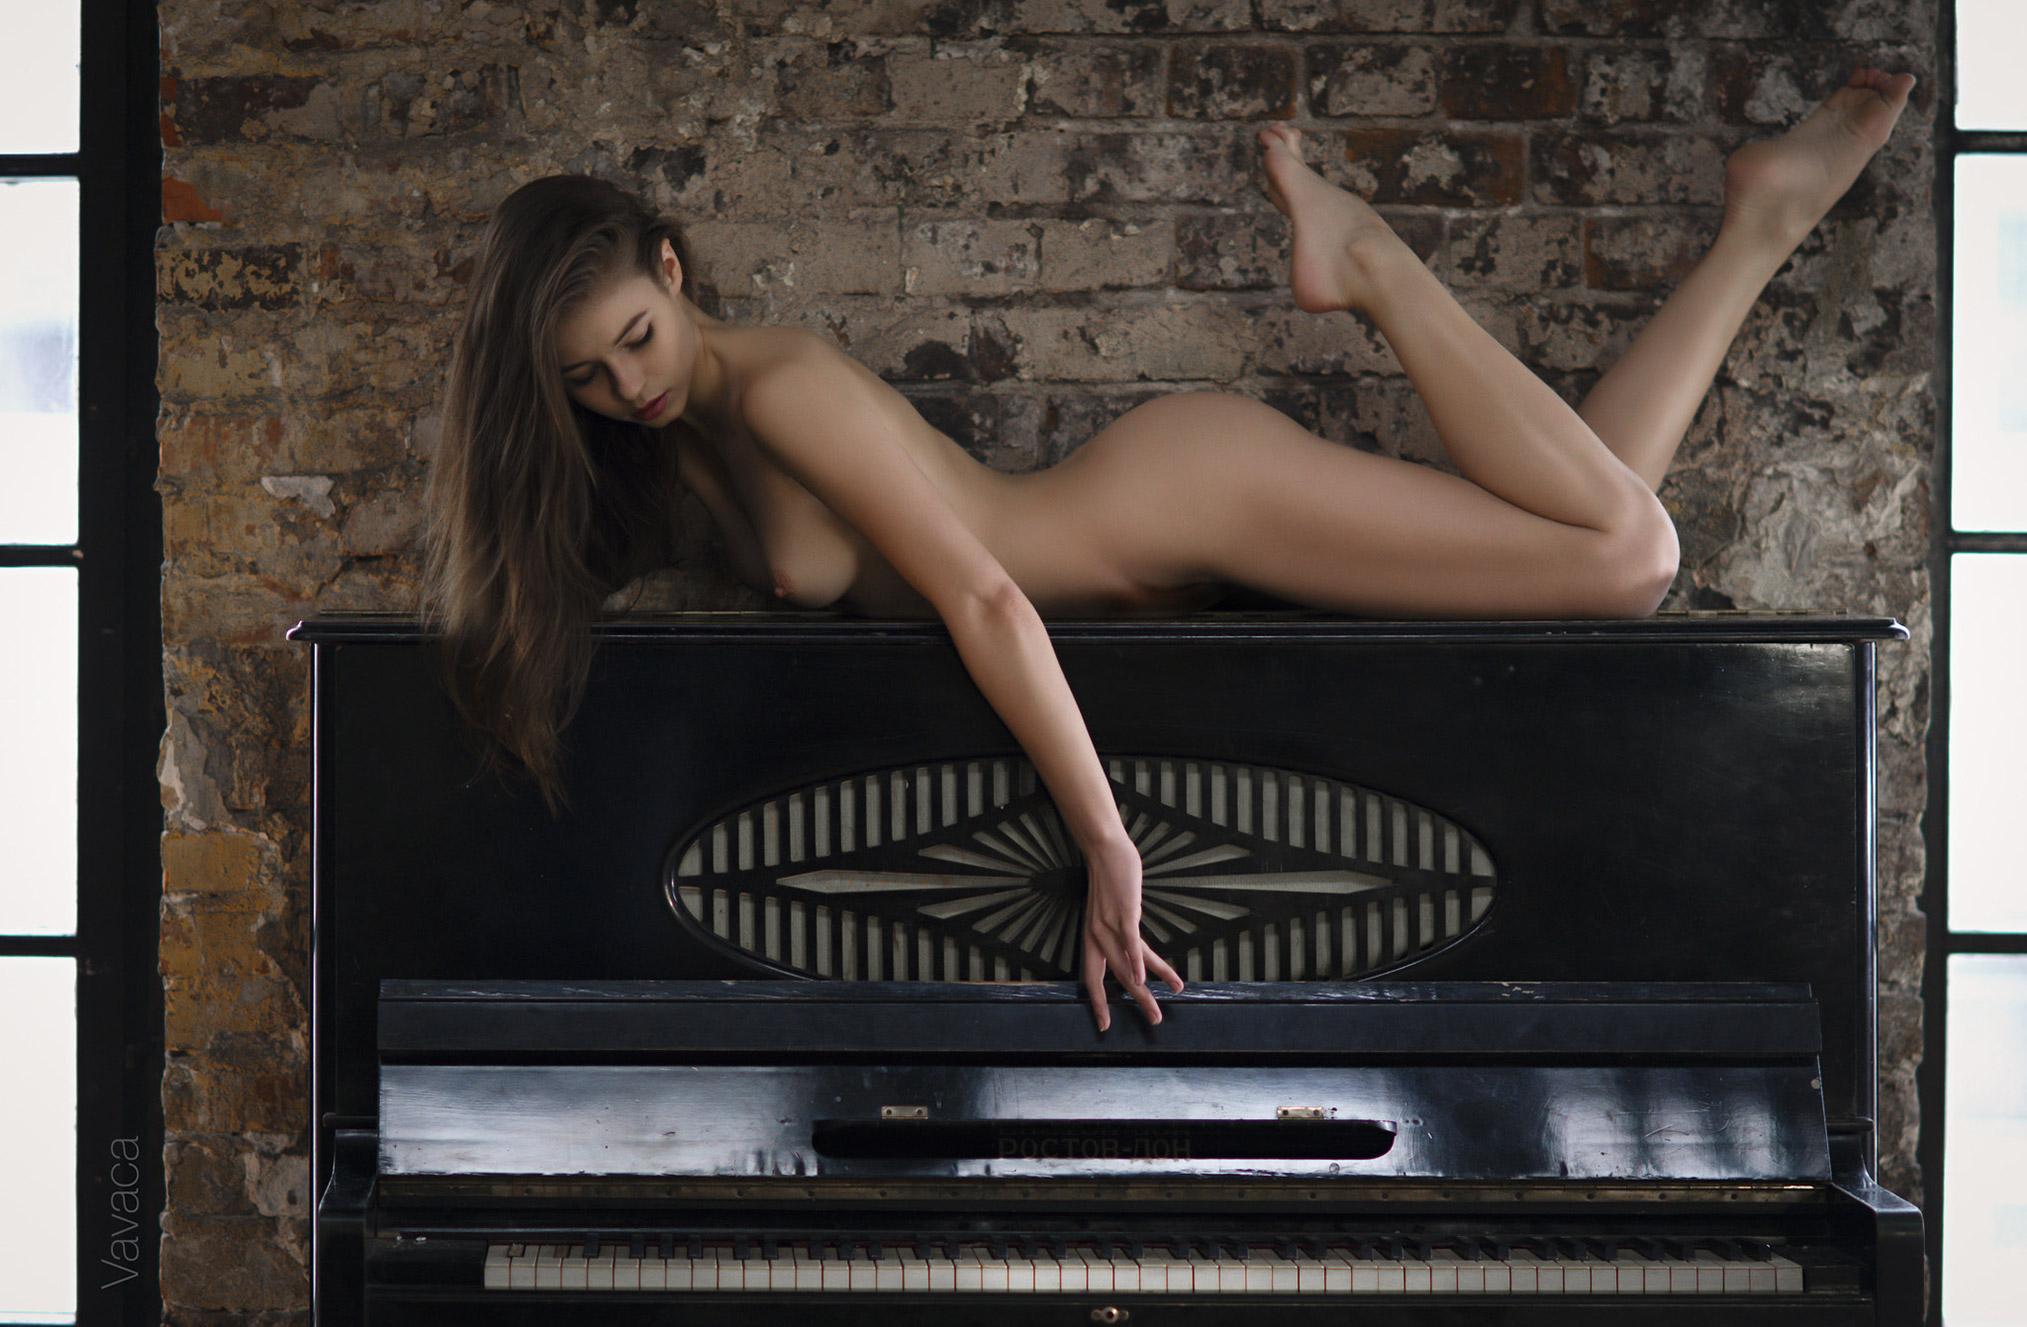 сексуальная пианистка Виктория Алико / Viktoriia Aliko by Vladimir Nikolaev